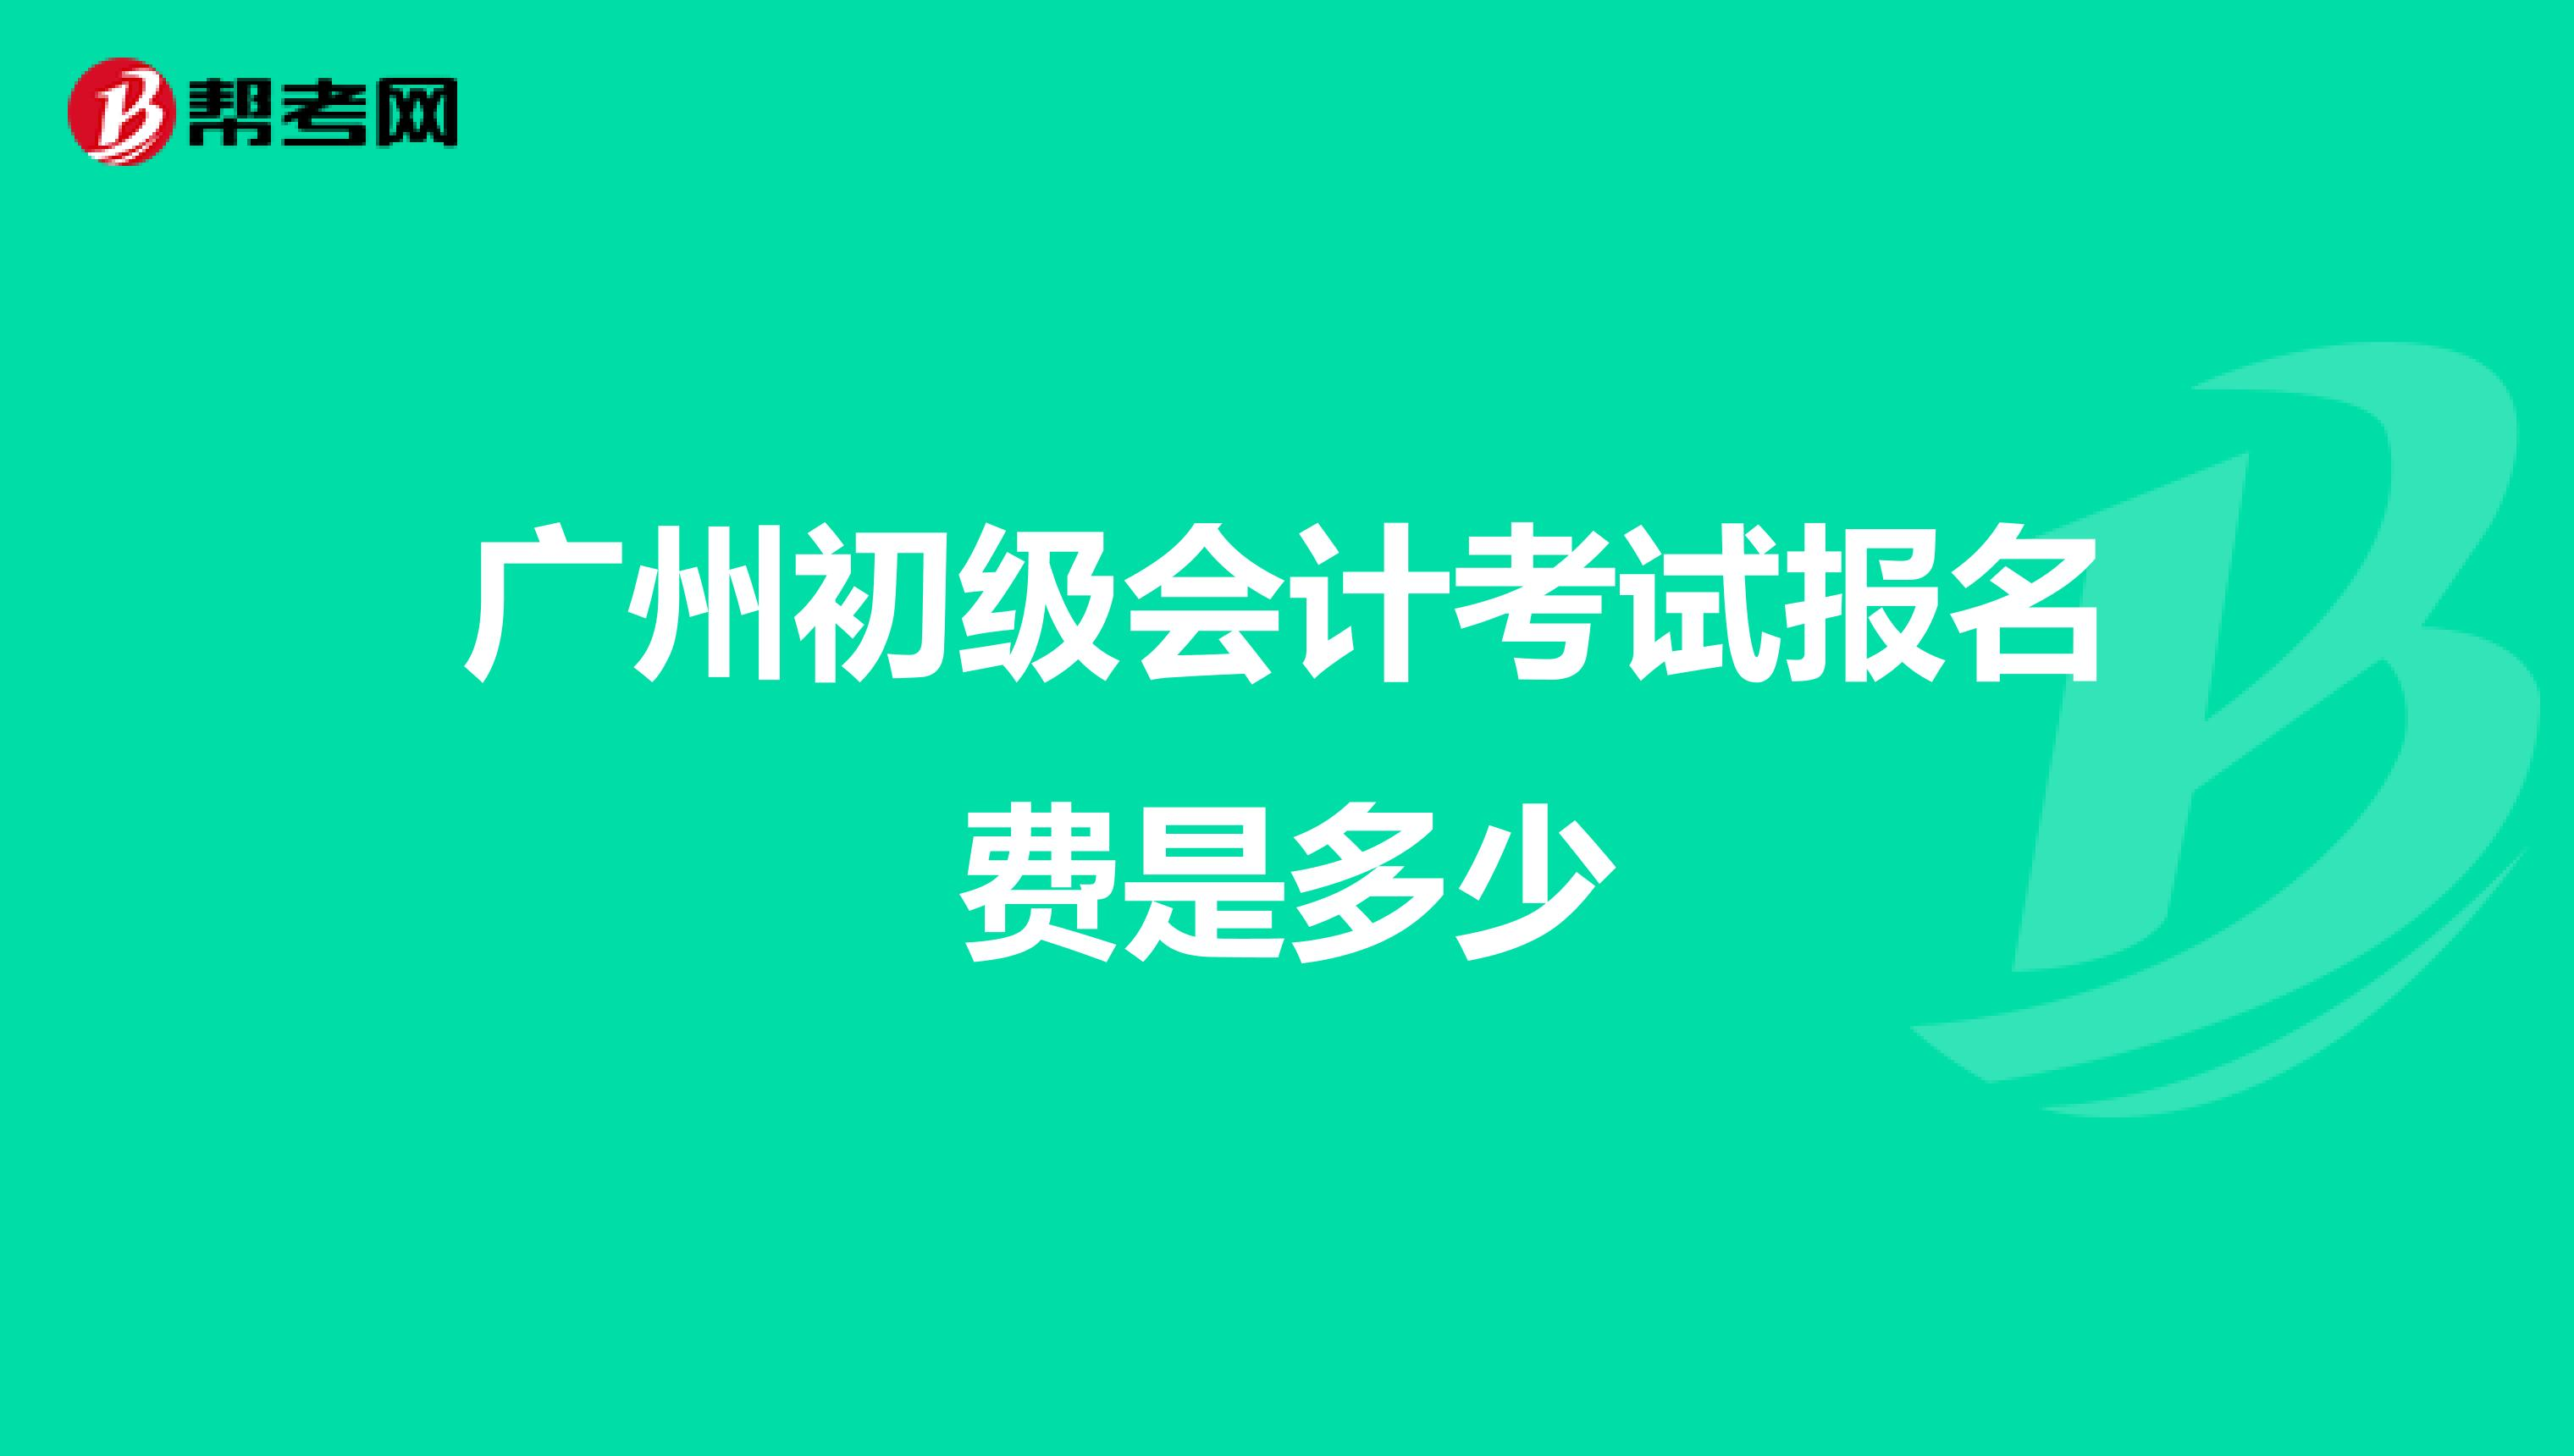 广州初级会计考试报名费是多少